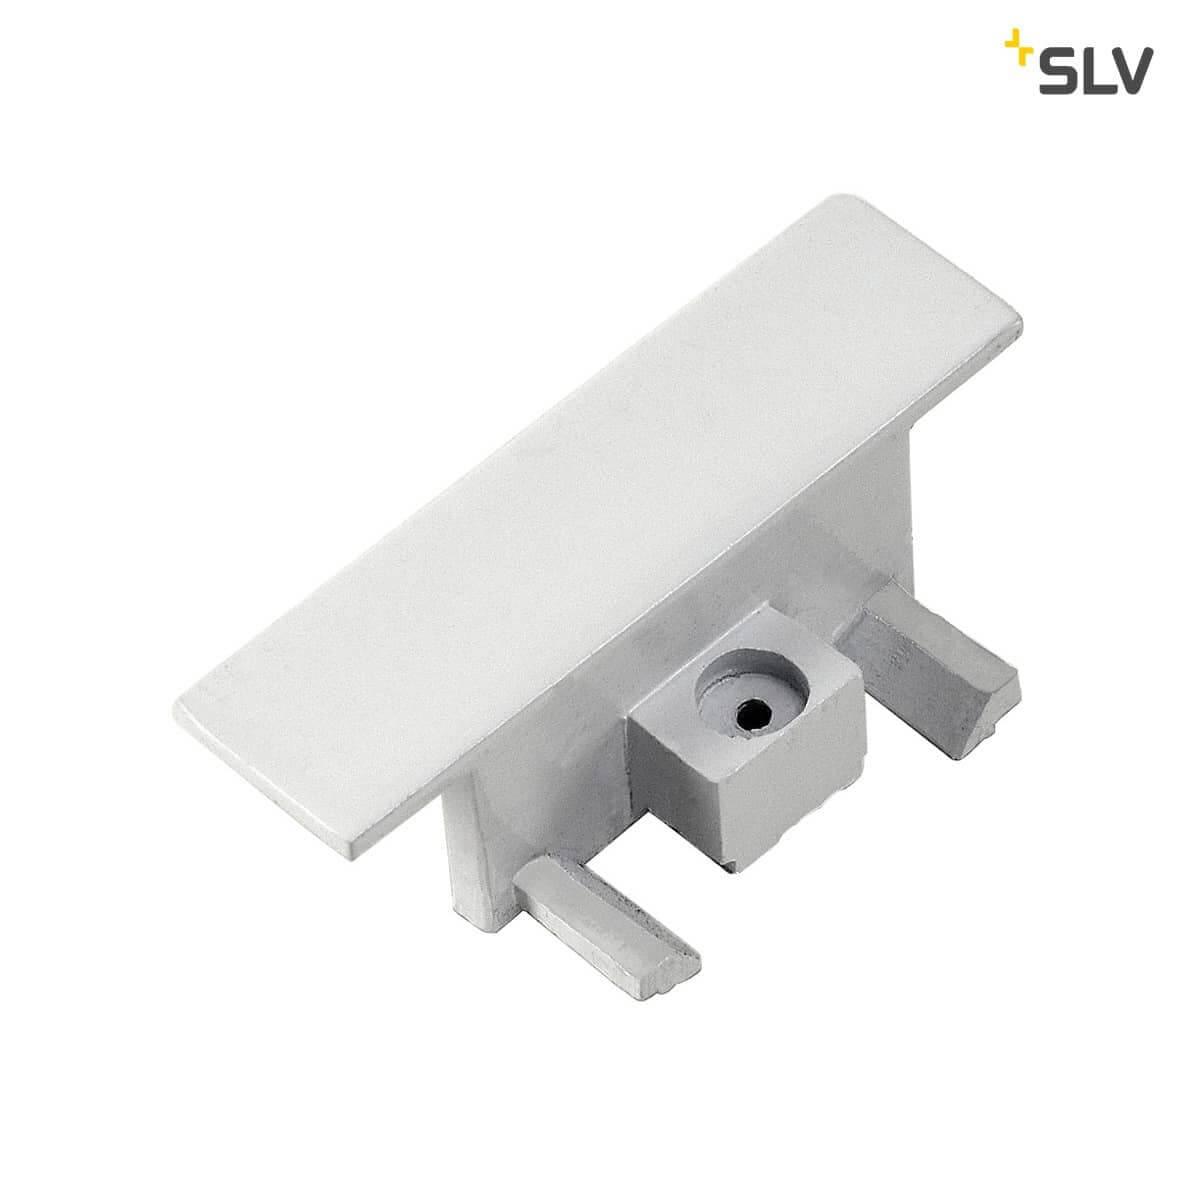 Einbauversion SLV Längsverbinder für 1-Phasen HV-Stromschiene weis